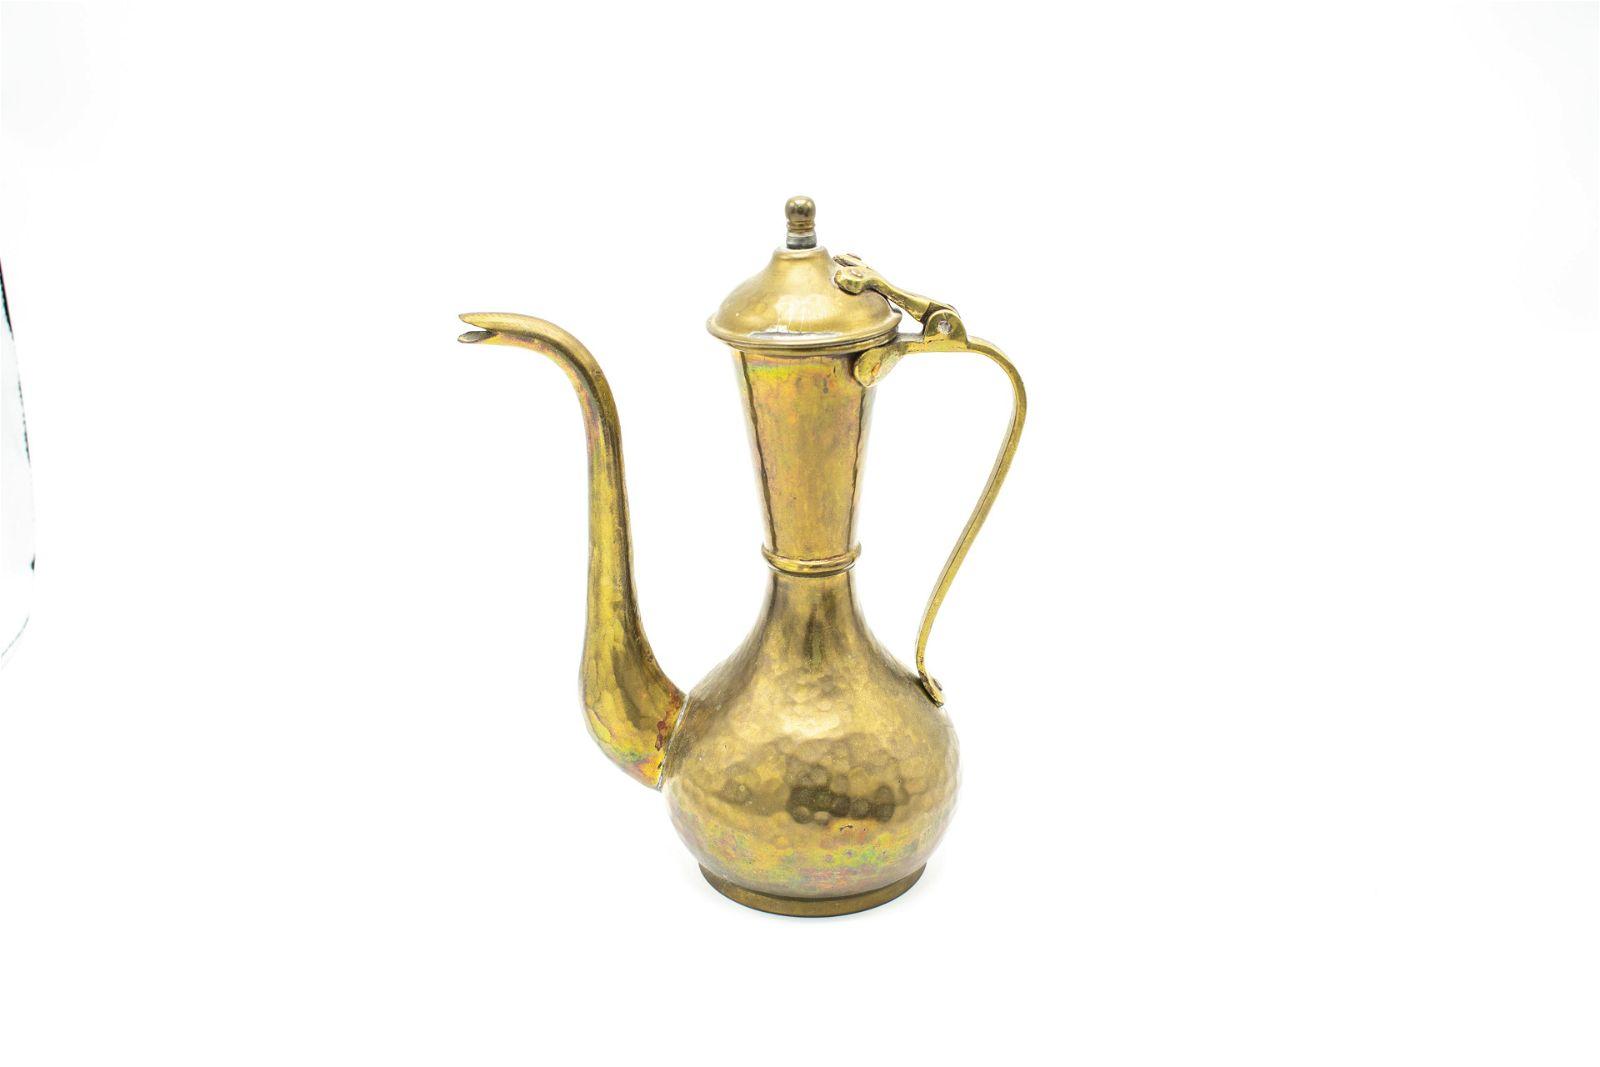 Persian Copper Teapot